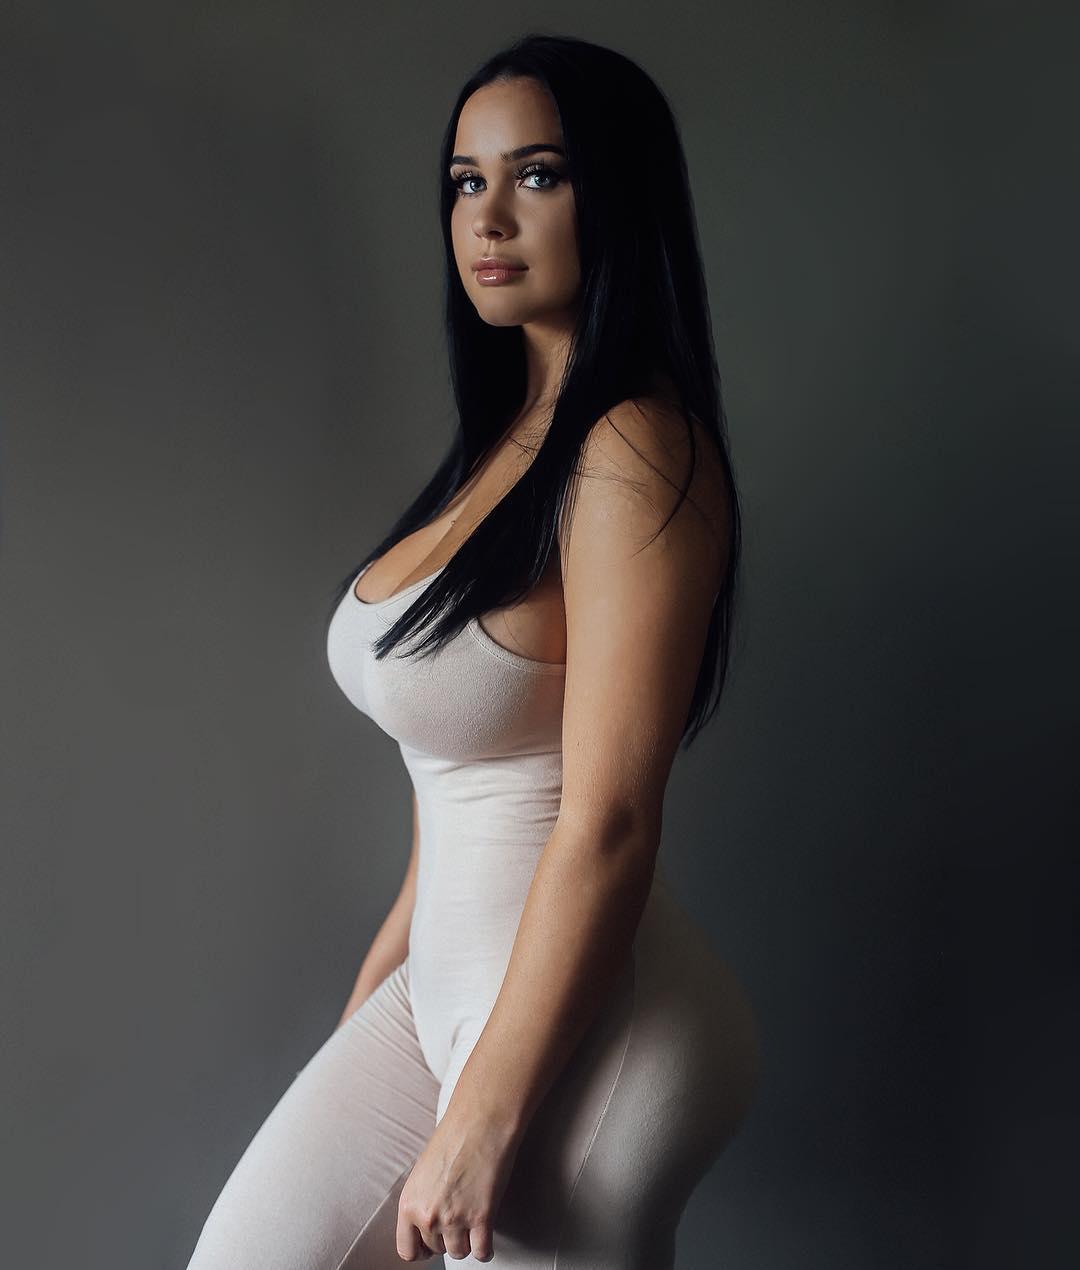 sarah love macdonald nude